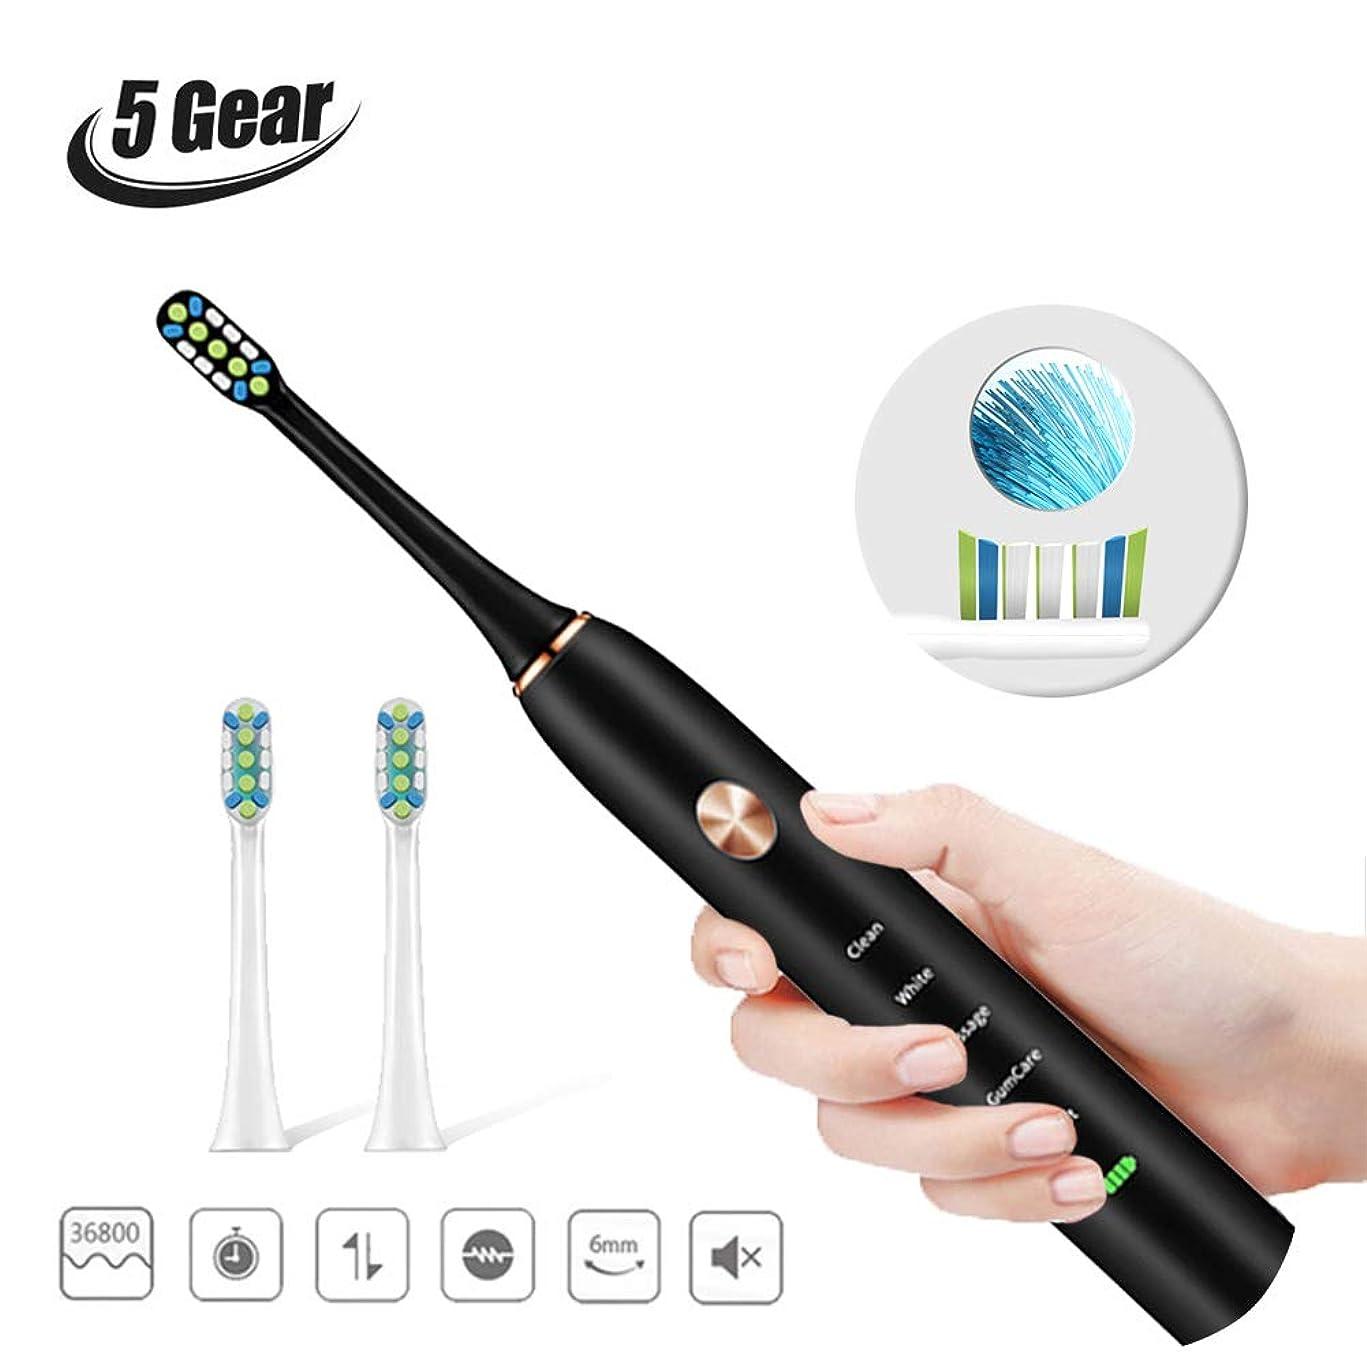 議論する将来の錫音波歯ブラシ 電動歯ブラシ 歯ブラシ USB充電式 ブラック ソニック IPX68防水 4時間がかかって30日に使用 5つのモード USB充電 替えブラシ3本 すきま磨きブラシ付き 口内ケア 携帯 歯磨き デンタルケアBlack